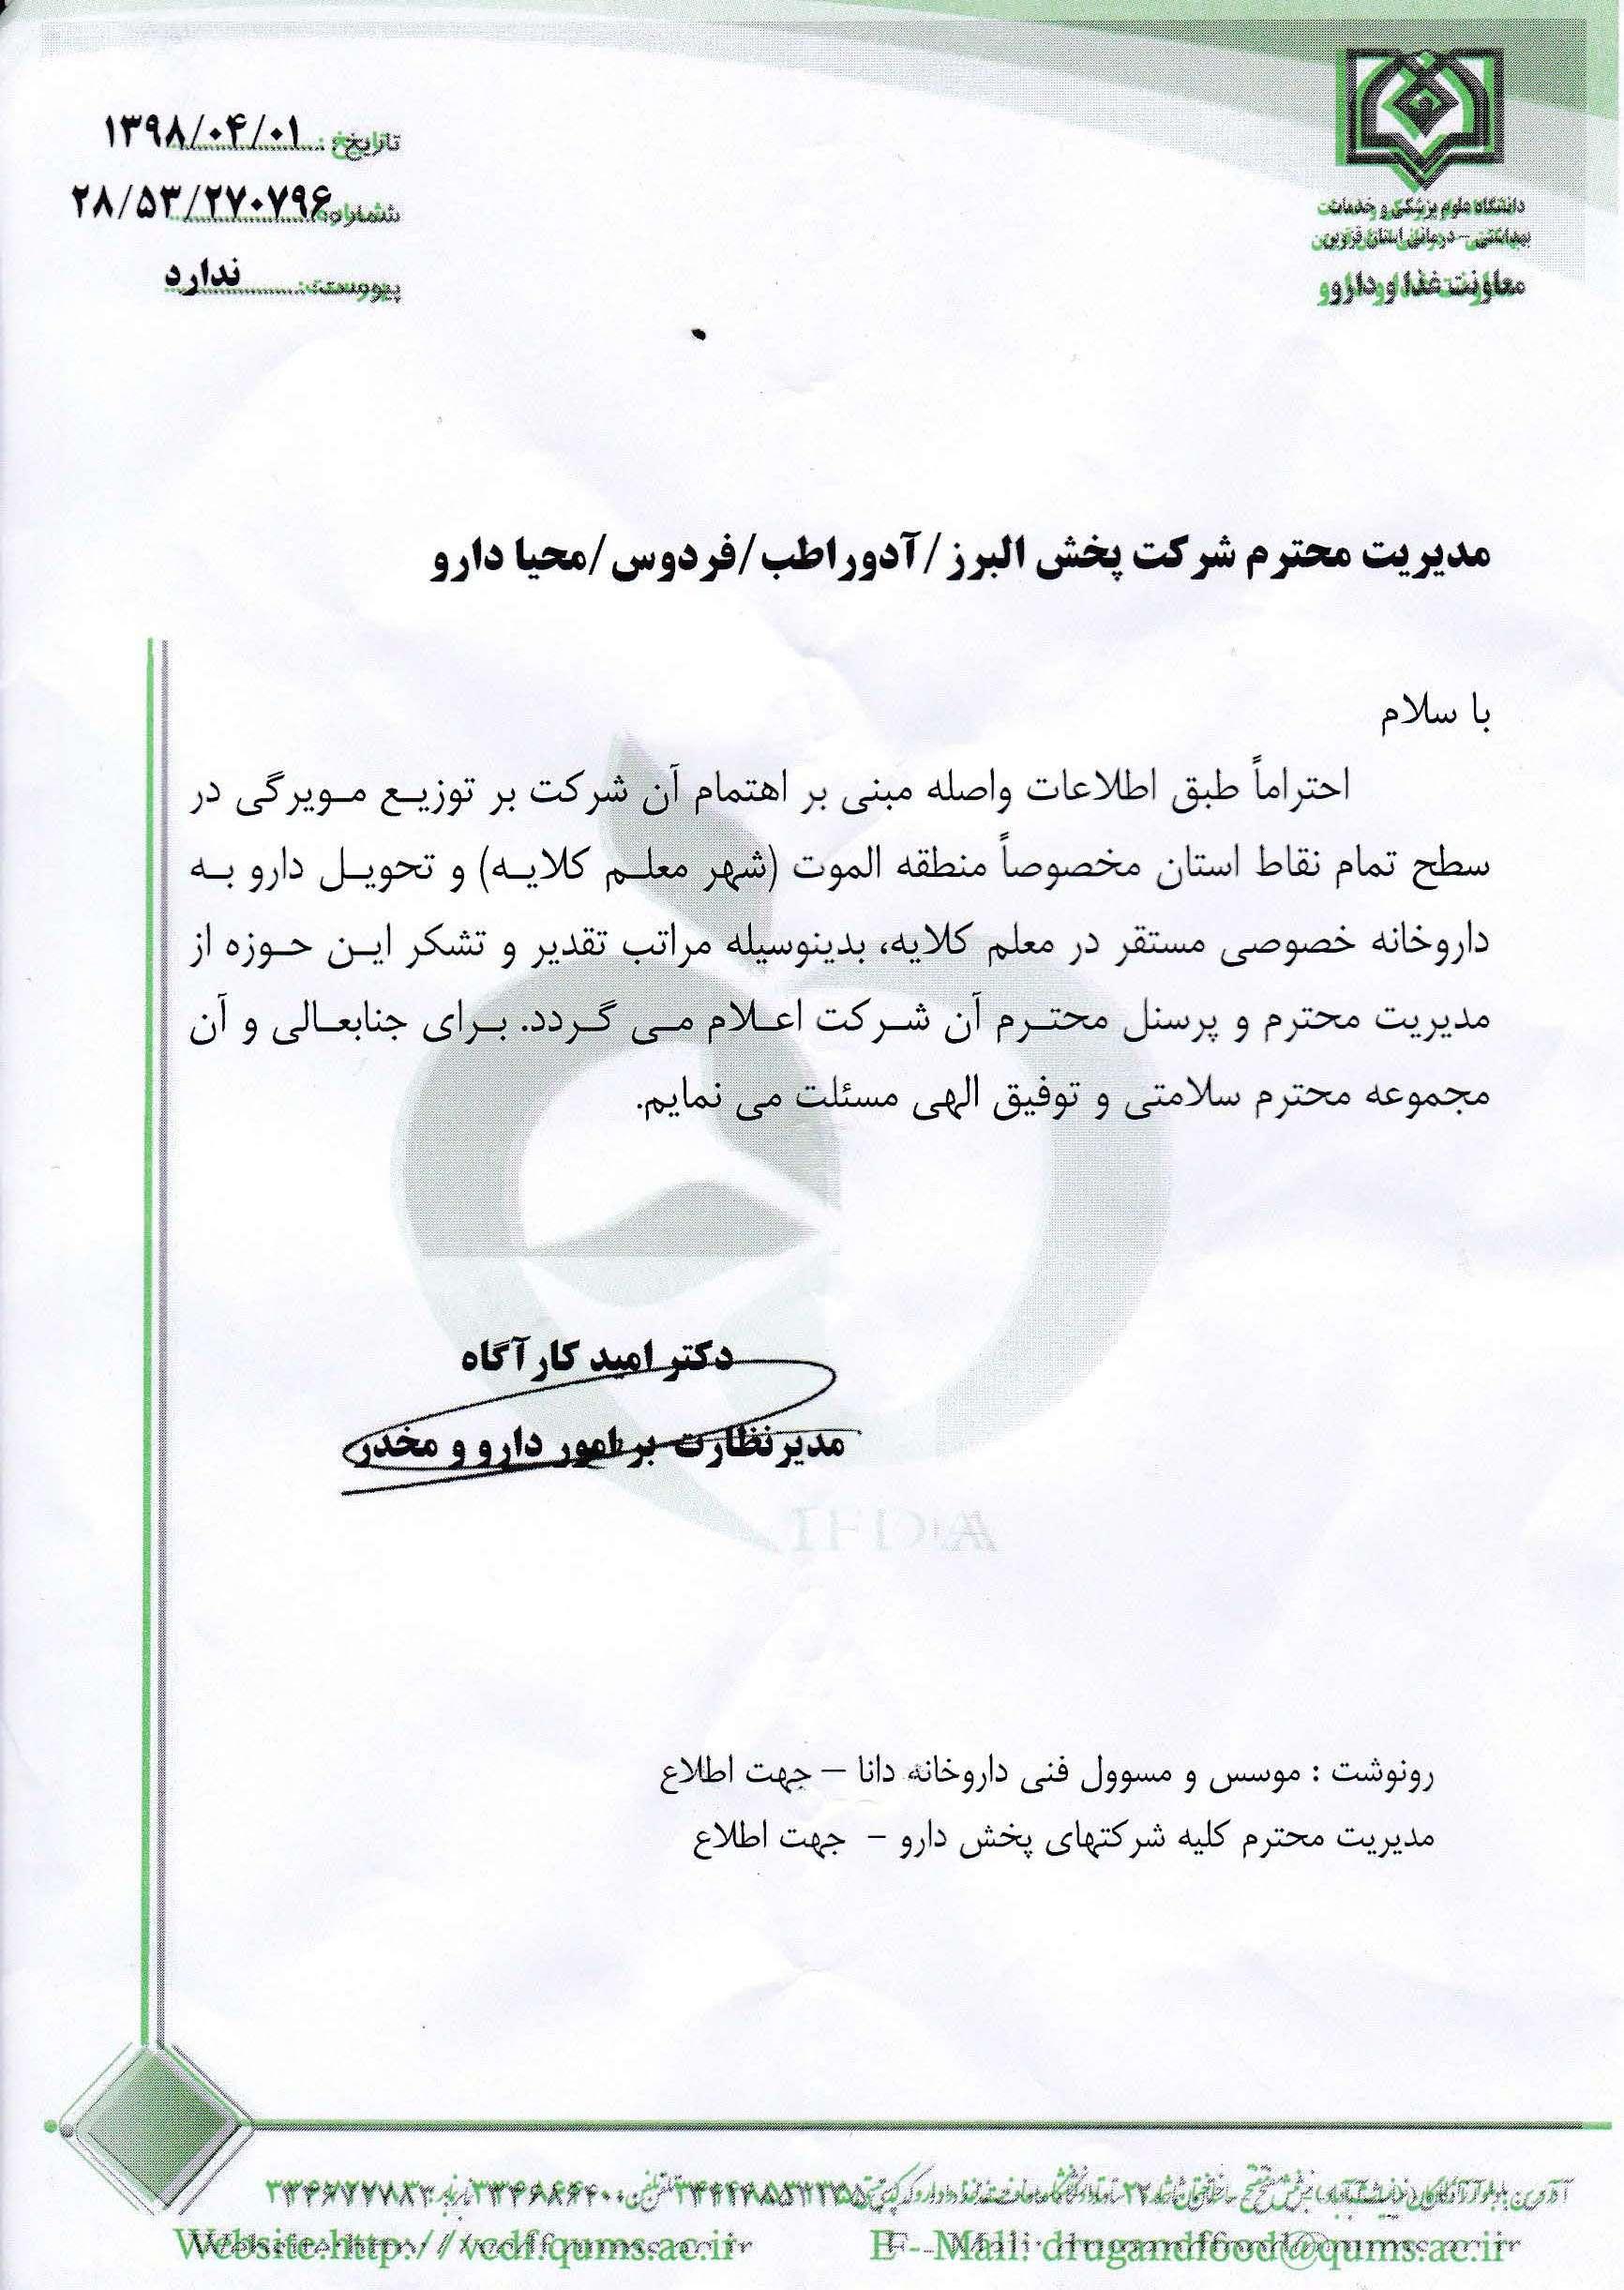 تقدیر دانشگاه علوم پزشکی قزوین از شرکت محیادارو مبنی بر اهتمام در توزیع مویرگی در تمام نقاط استان-شعبه قزوین-1398